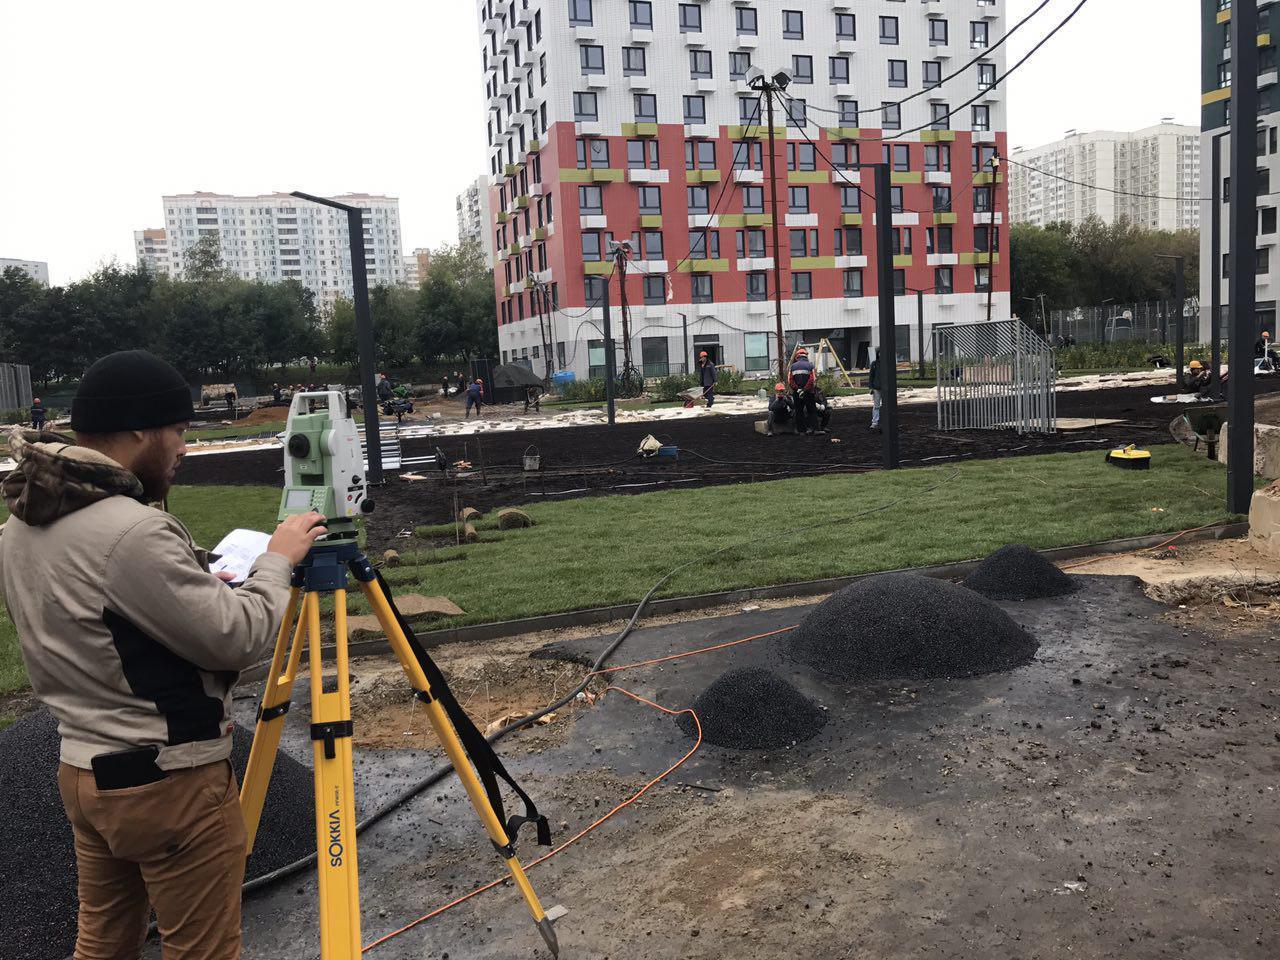 Фотографии ЖК Варшавское шоссе 141, сентябрь 2017